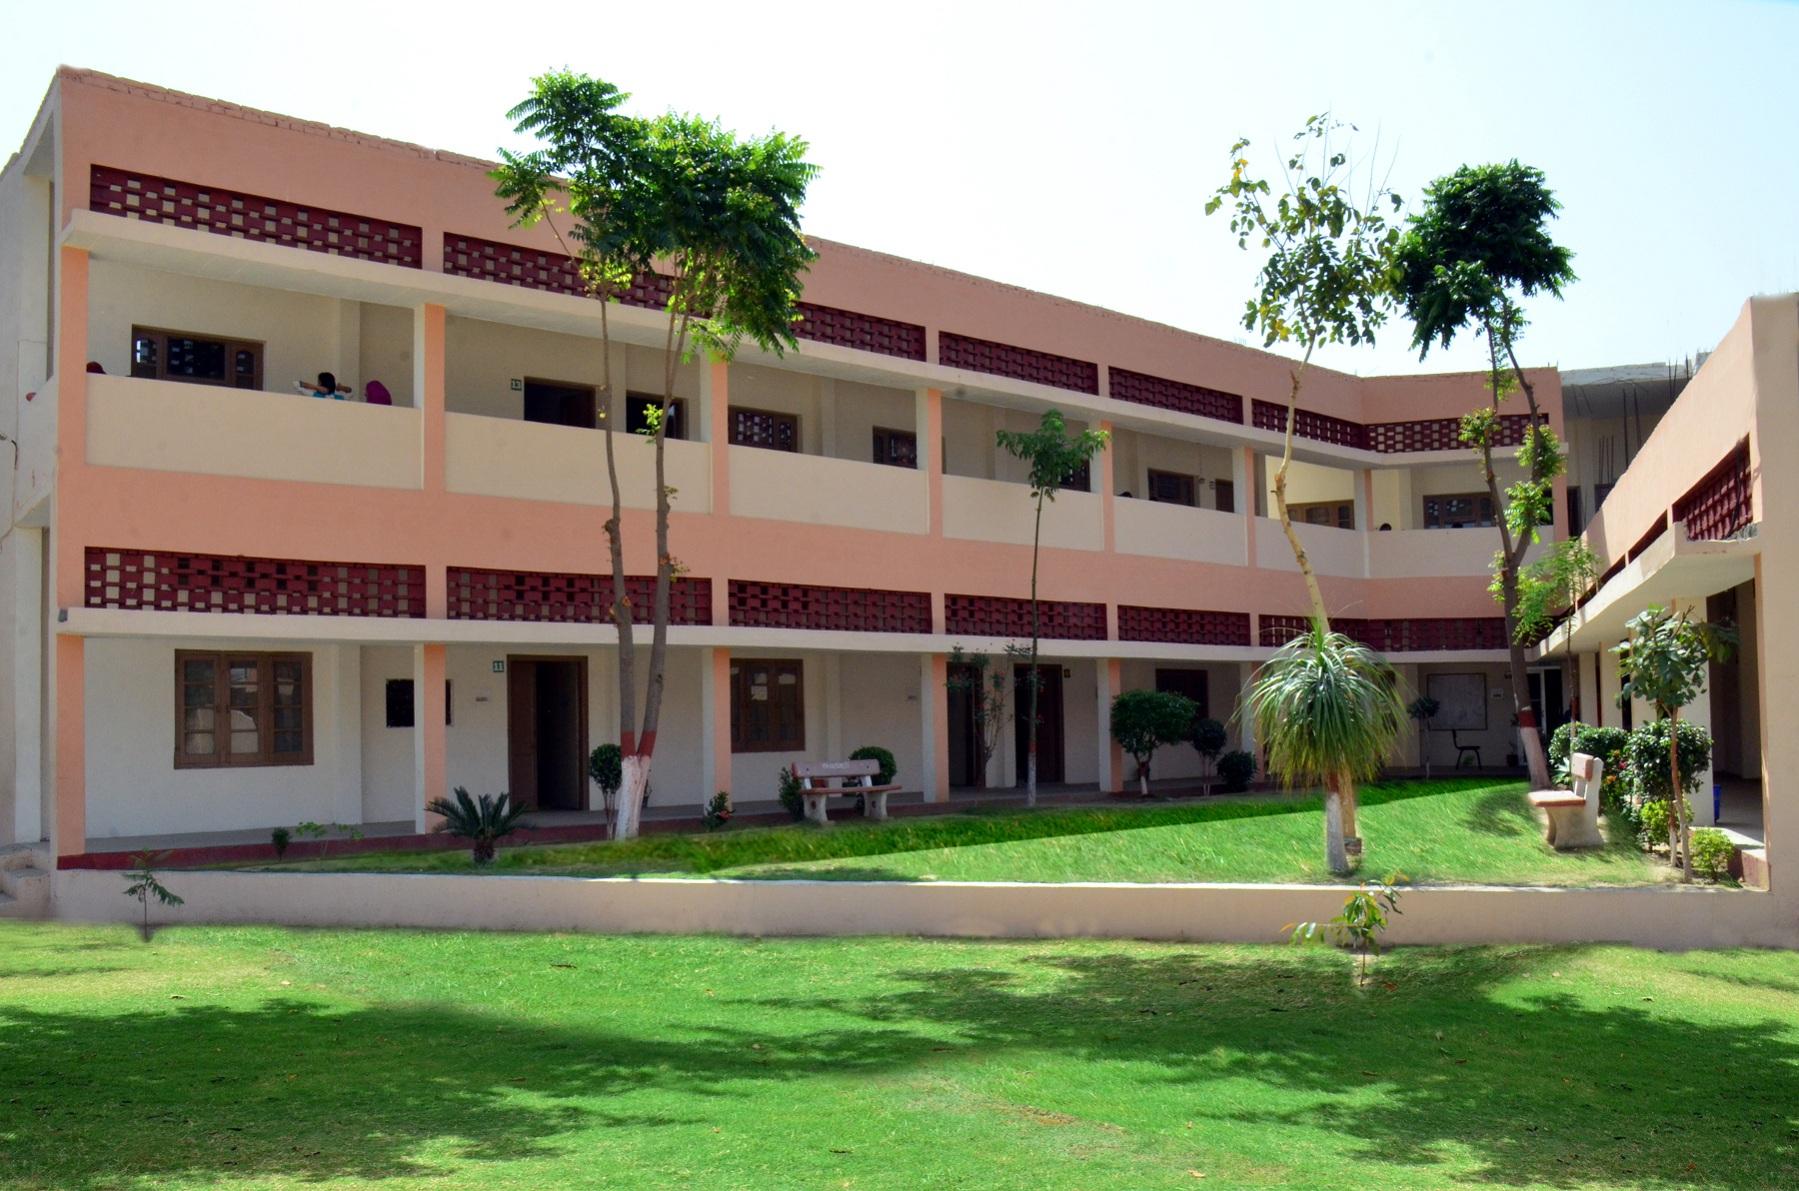 Islamia Girls College, Malerkotla